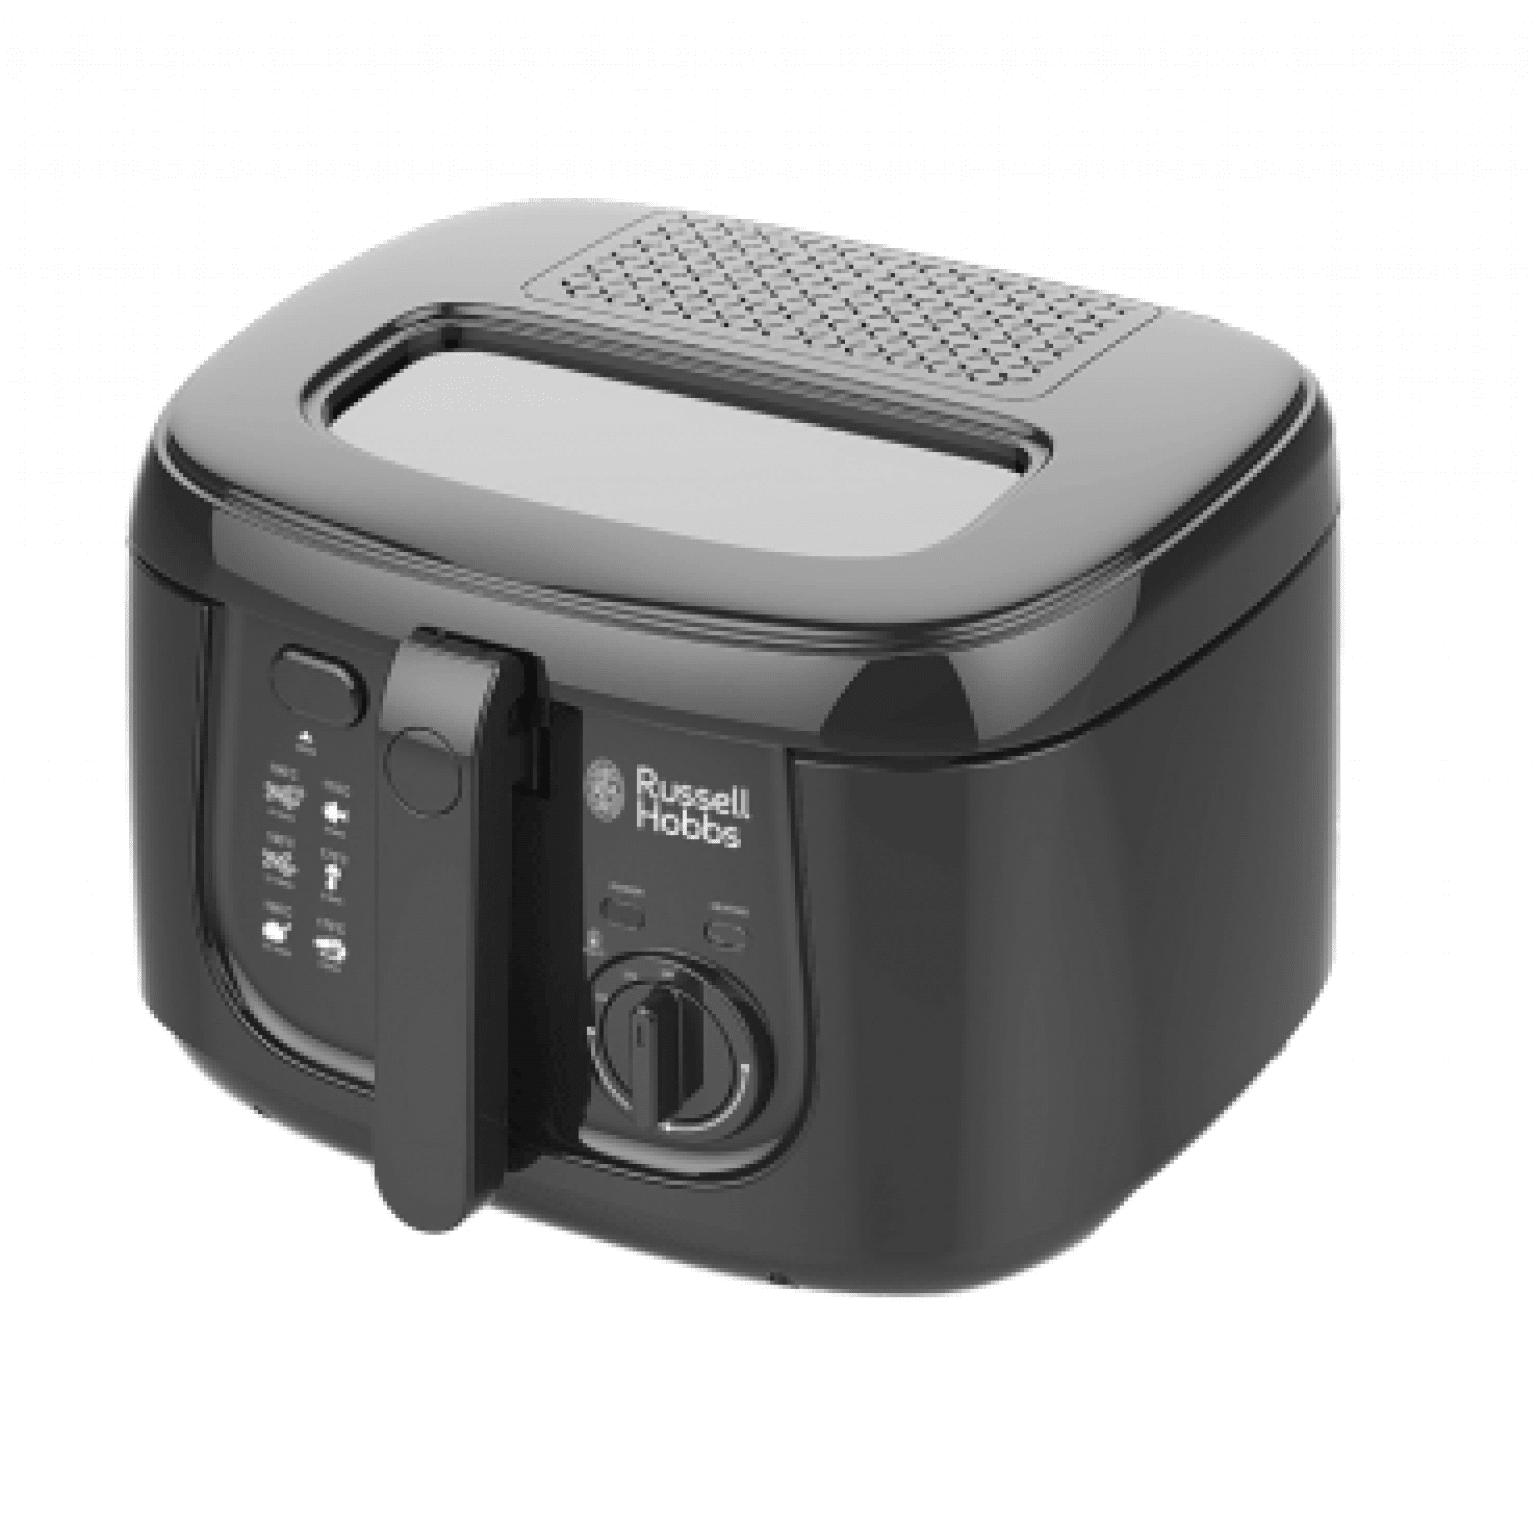 Russell Hobbs 2.5L Maxi Deep Fryer | 24570